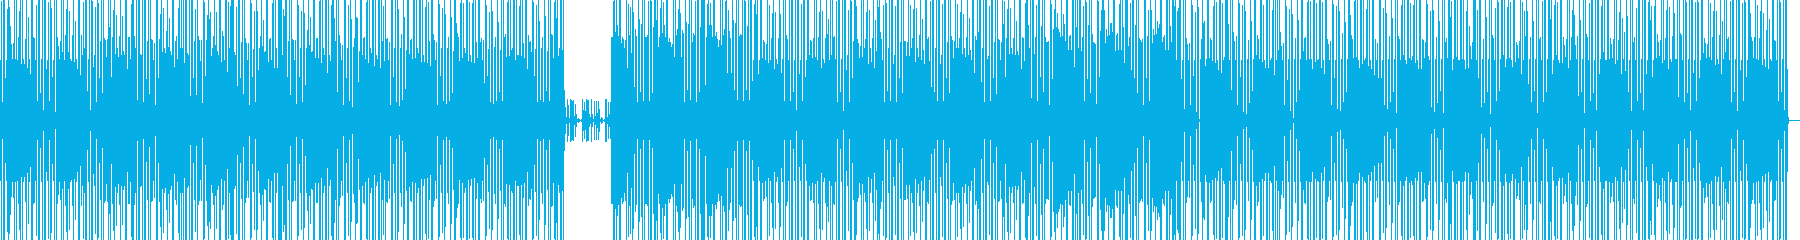 ディスコファンキーハウスの再生済みの波形